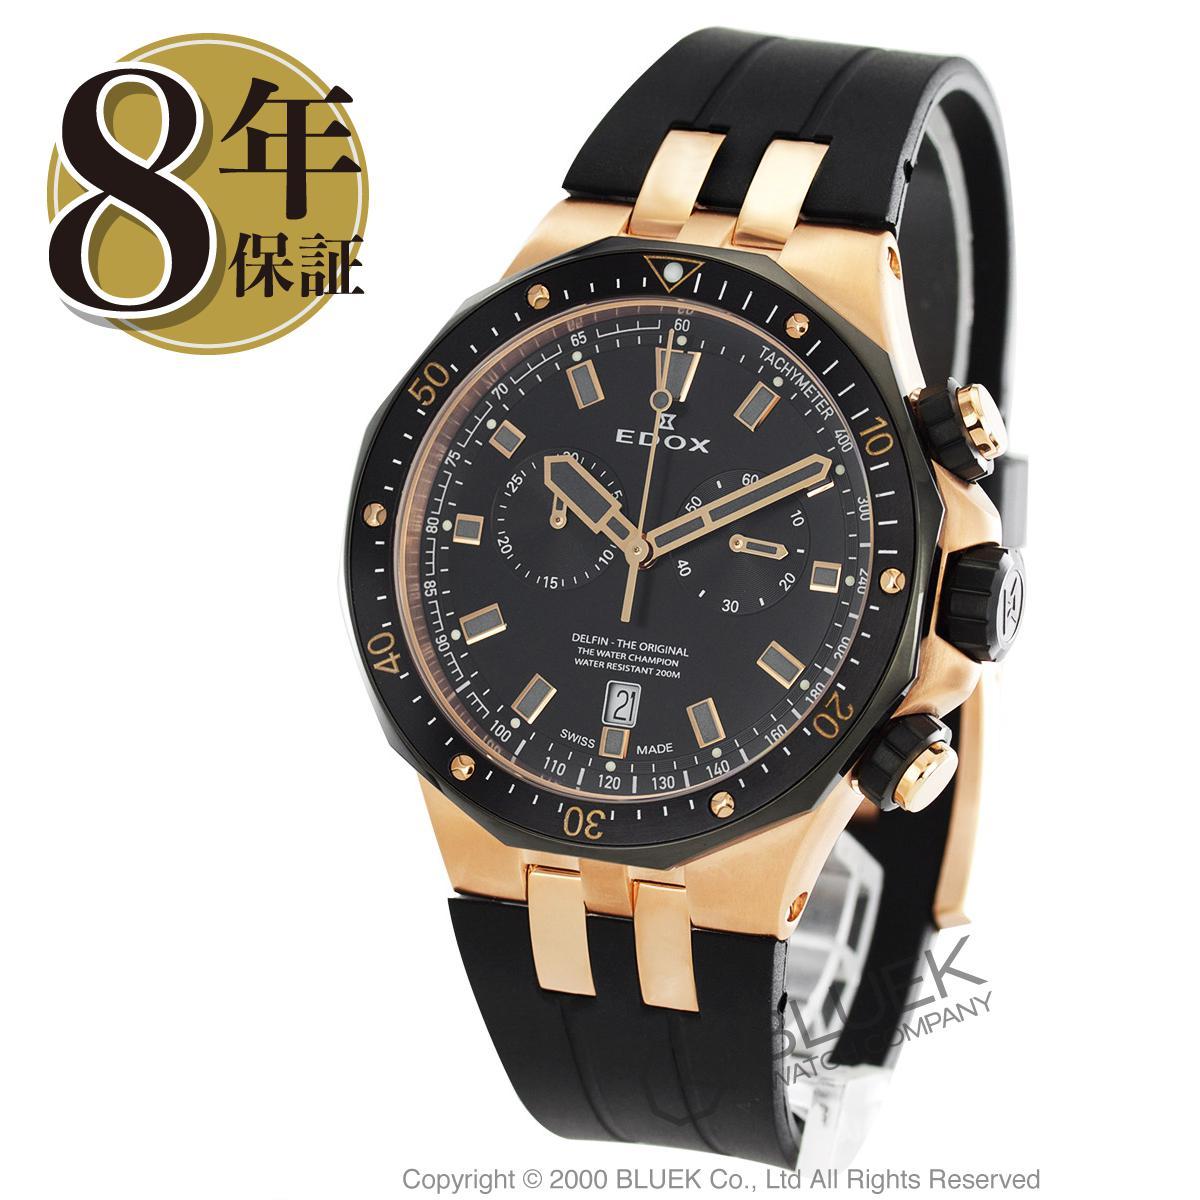 【最大3万円割引クーポン 11/01~】エドックス デルフィン クロノグラフ 腕時計 メンズ EDOX 10109-357RNCA-NIRG_8